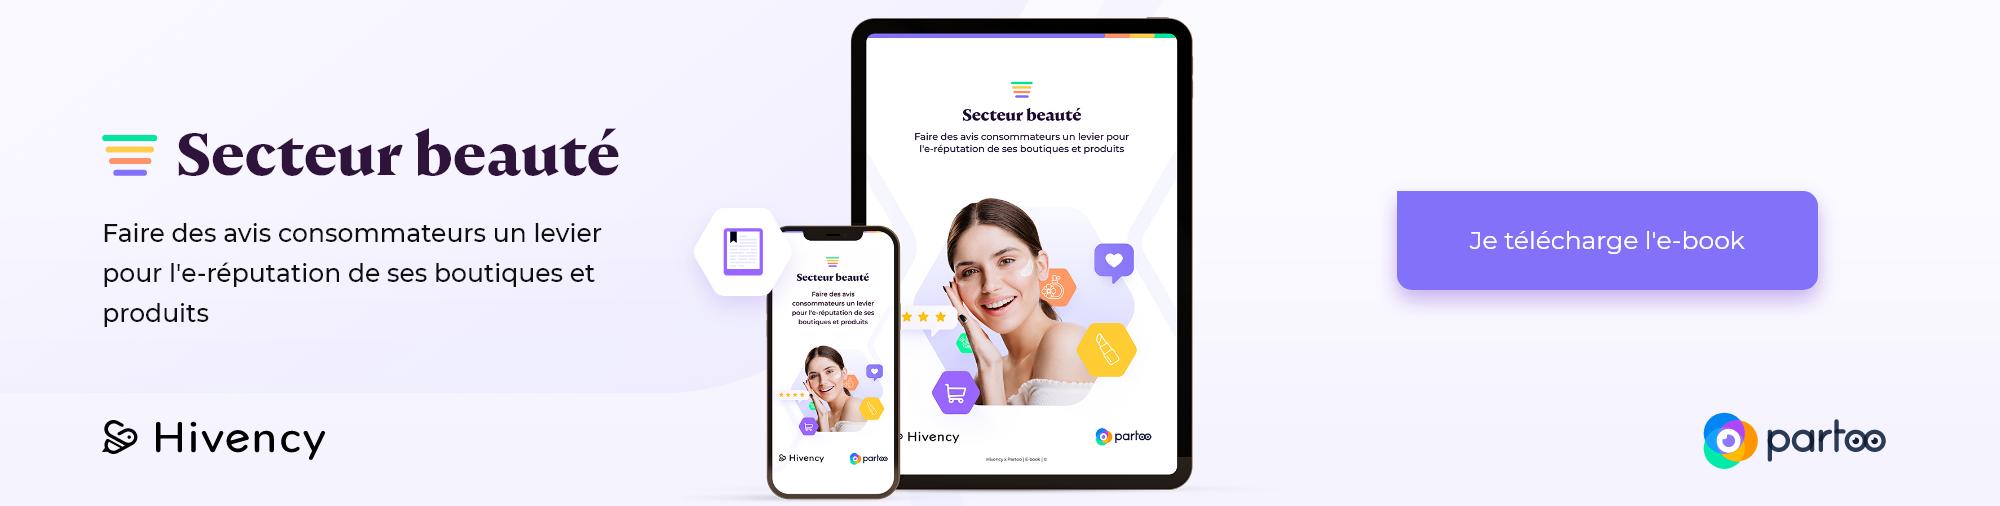 Hivency et Partoo présentent l'ebook e-réputation pour la beauté